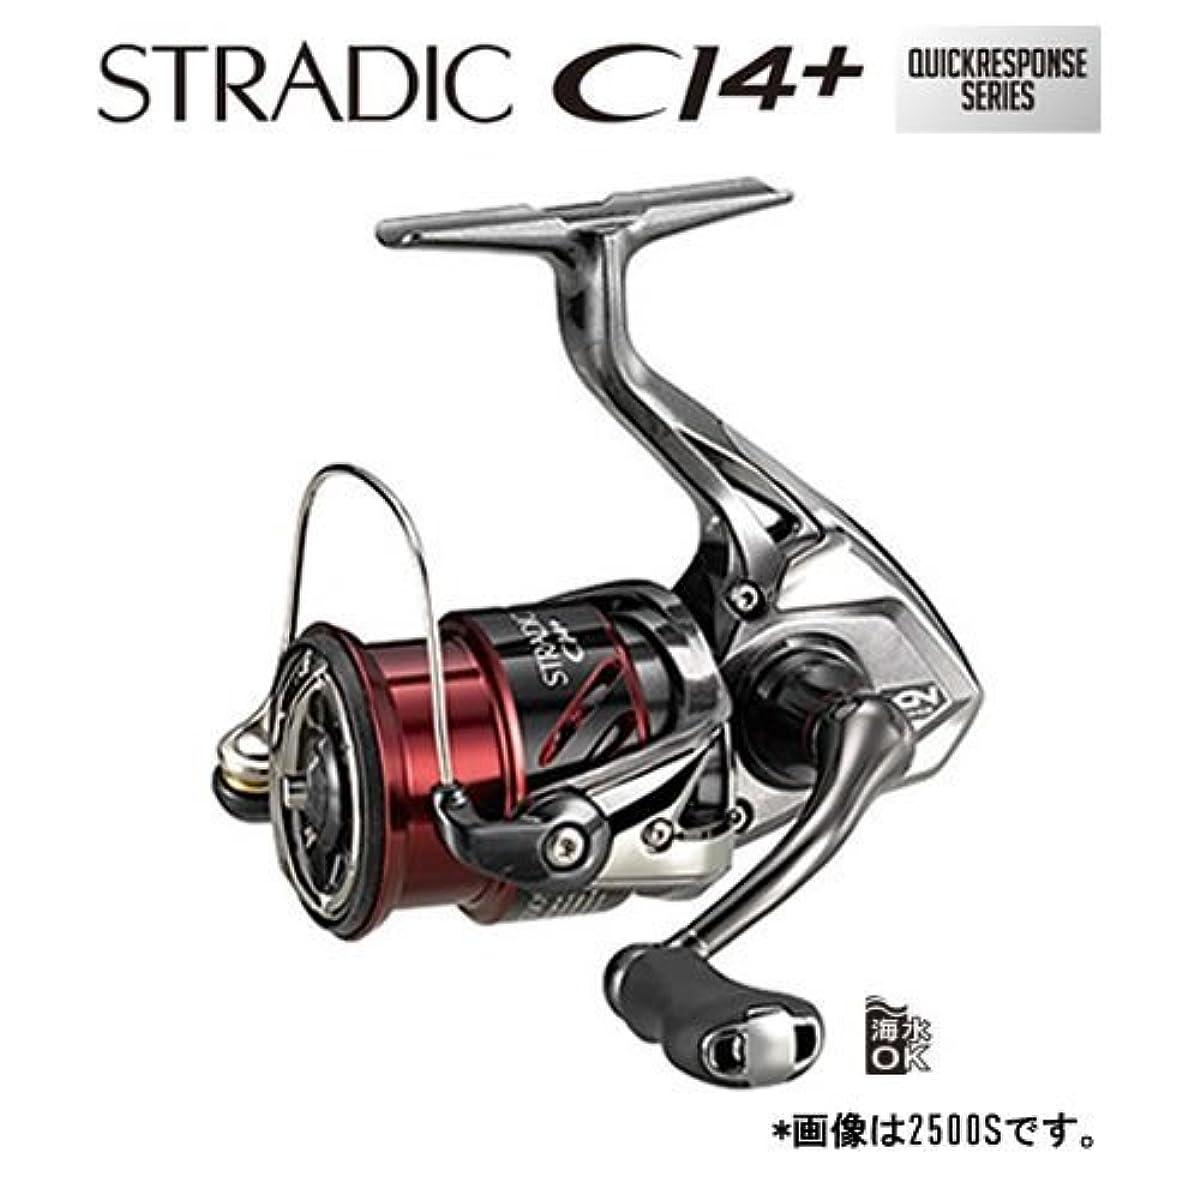 [해외] 당일발송 시마노 릴 16 스트라딕CI4+ C3000